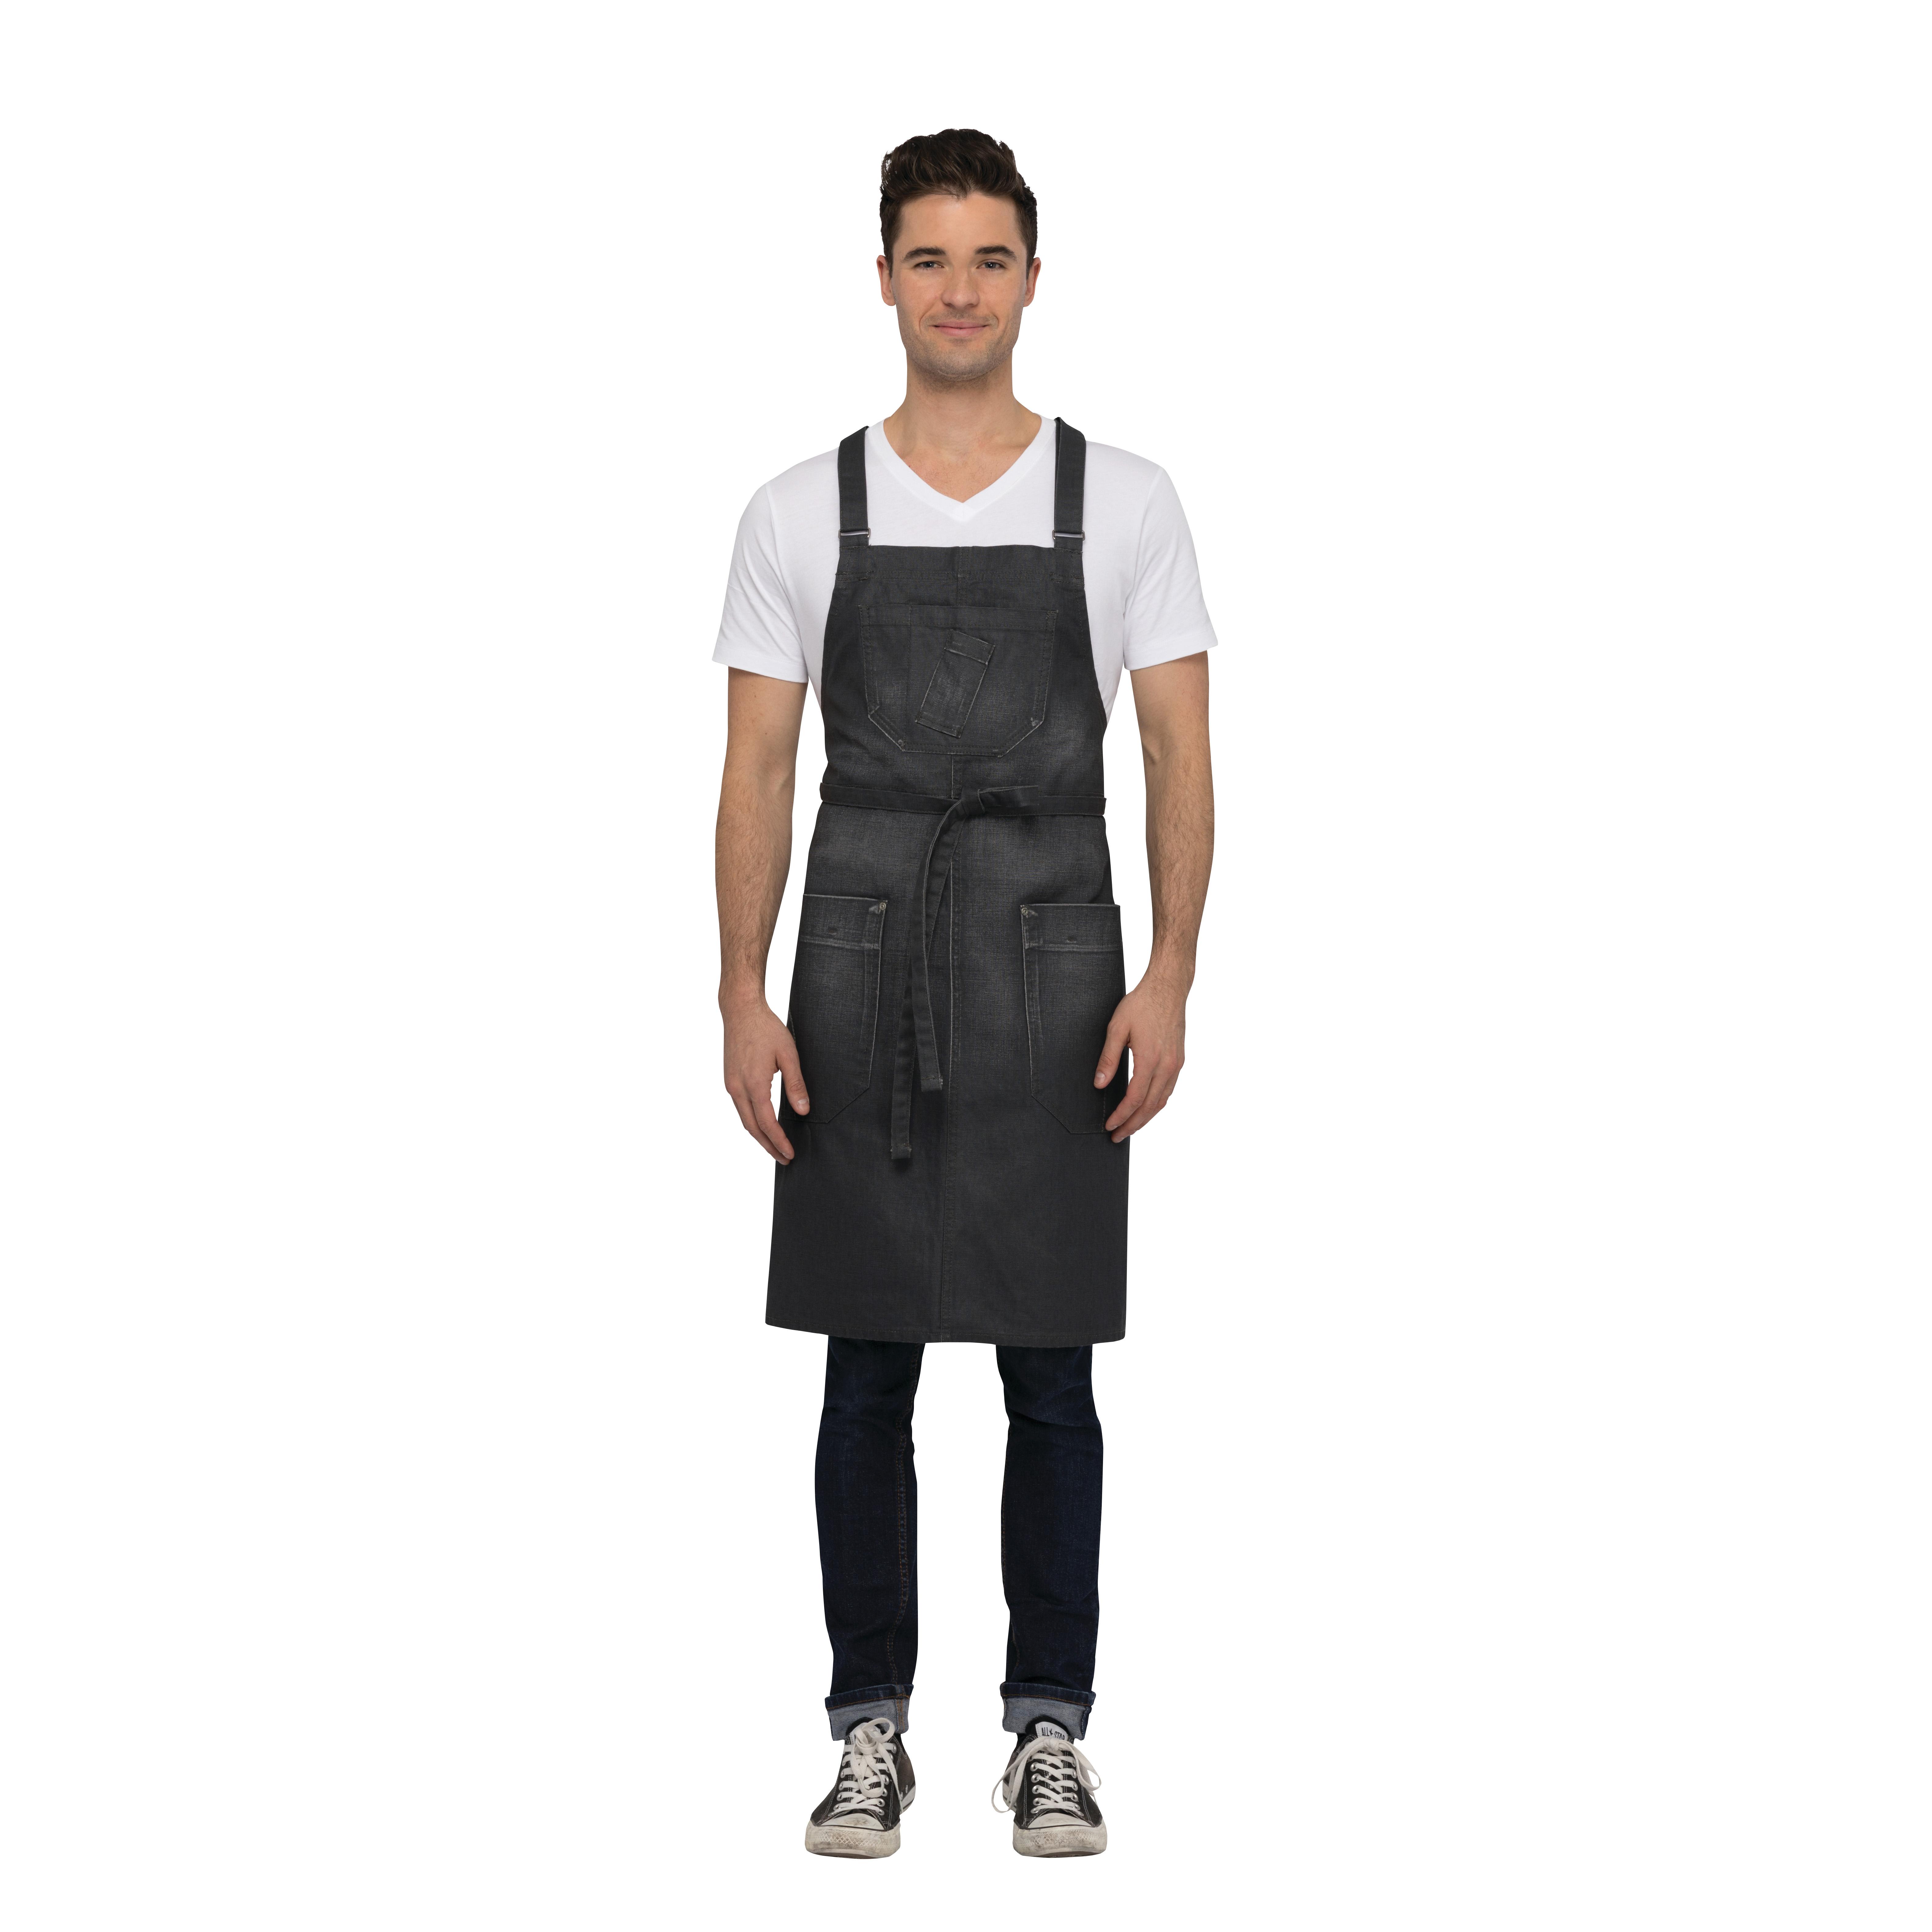 Chef Works ABX03GRY0 bib apron